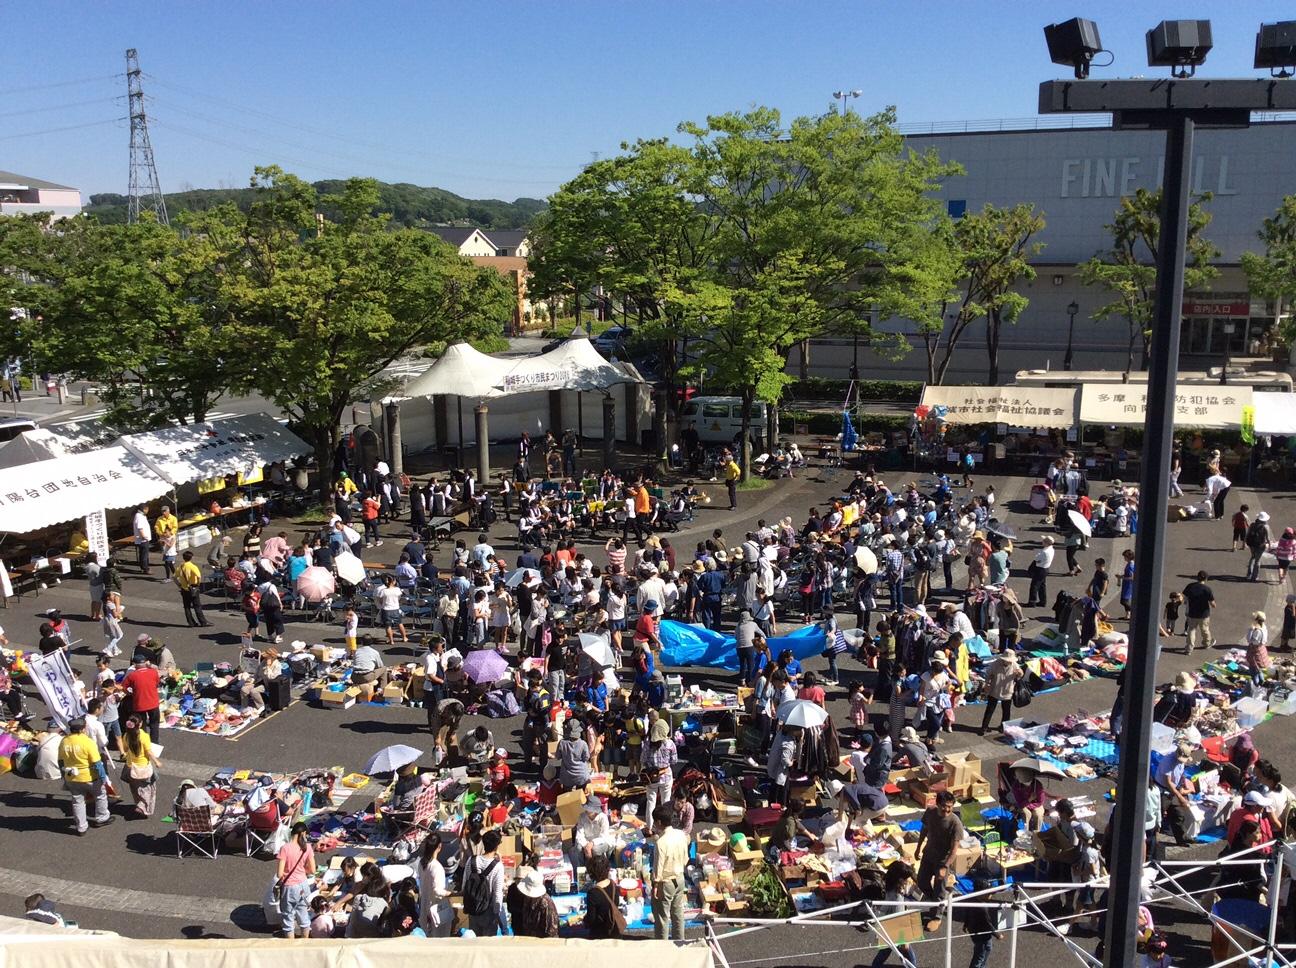 広場では、手作り市民祭りなどのイベントが開催されたりしています